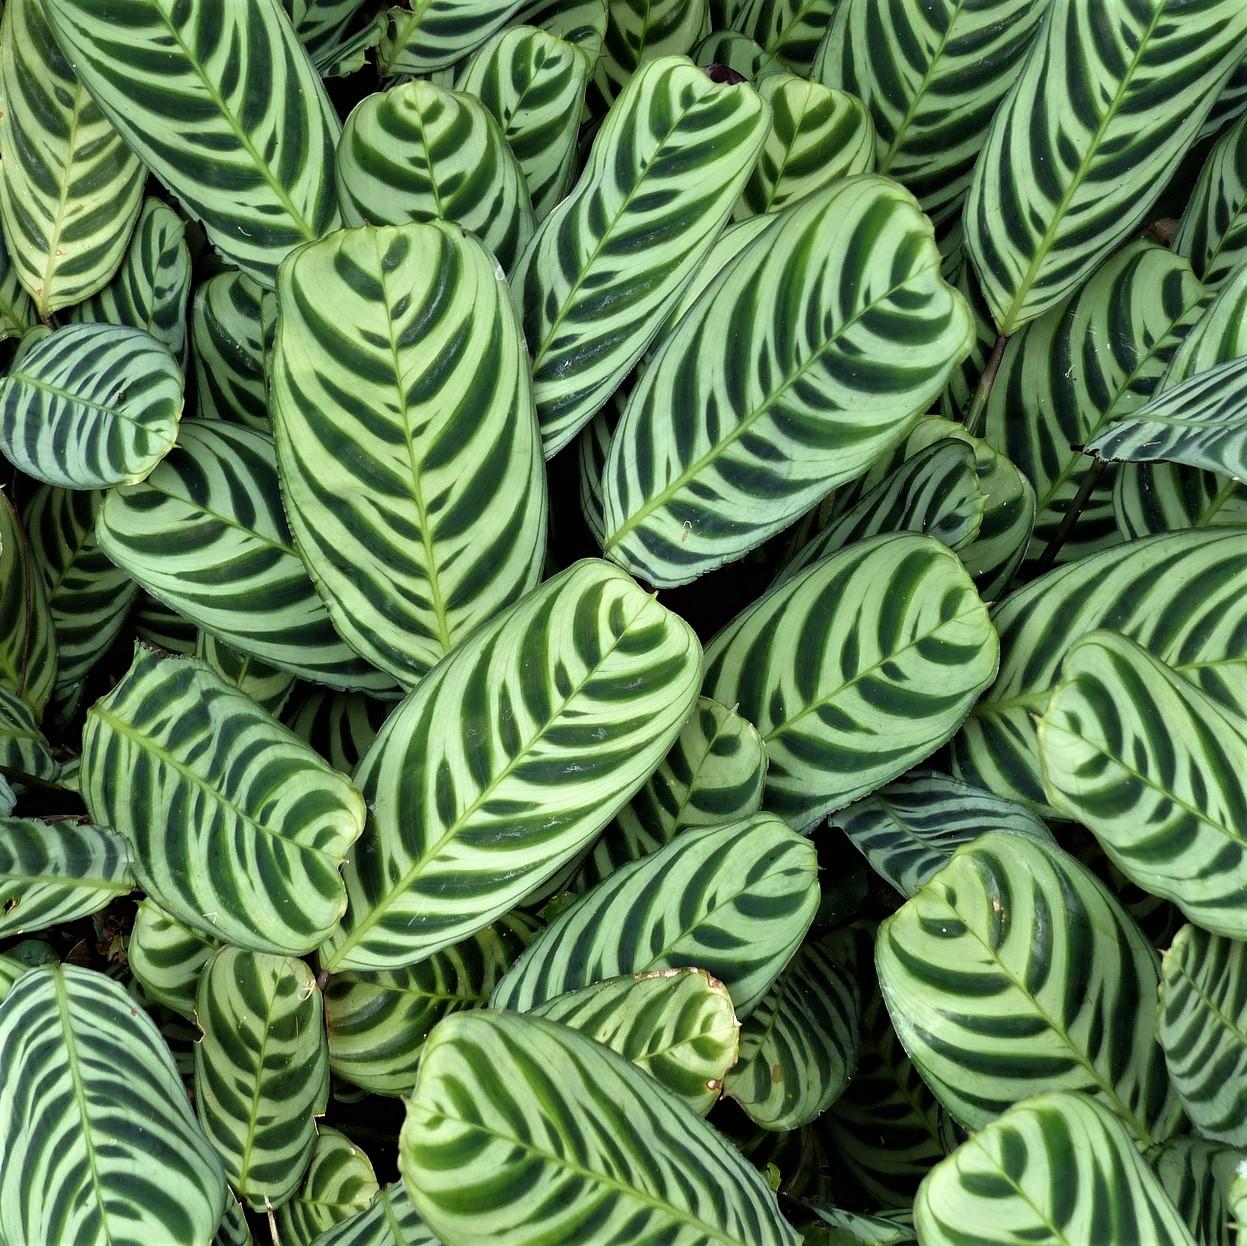 Amazonie aux couleurs de vert profond